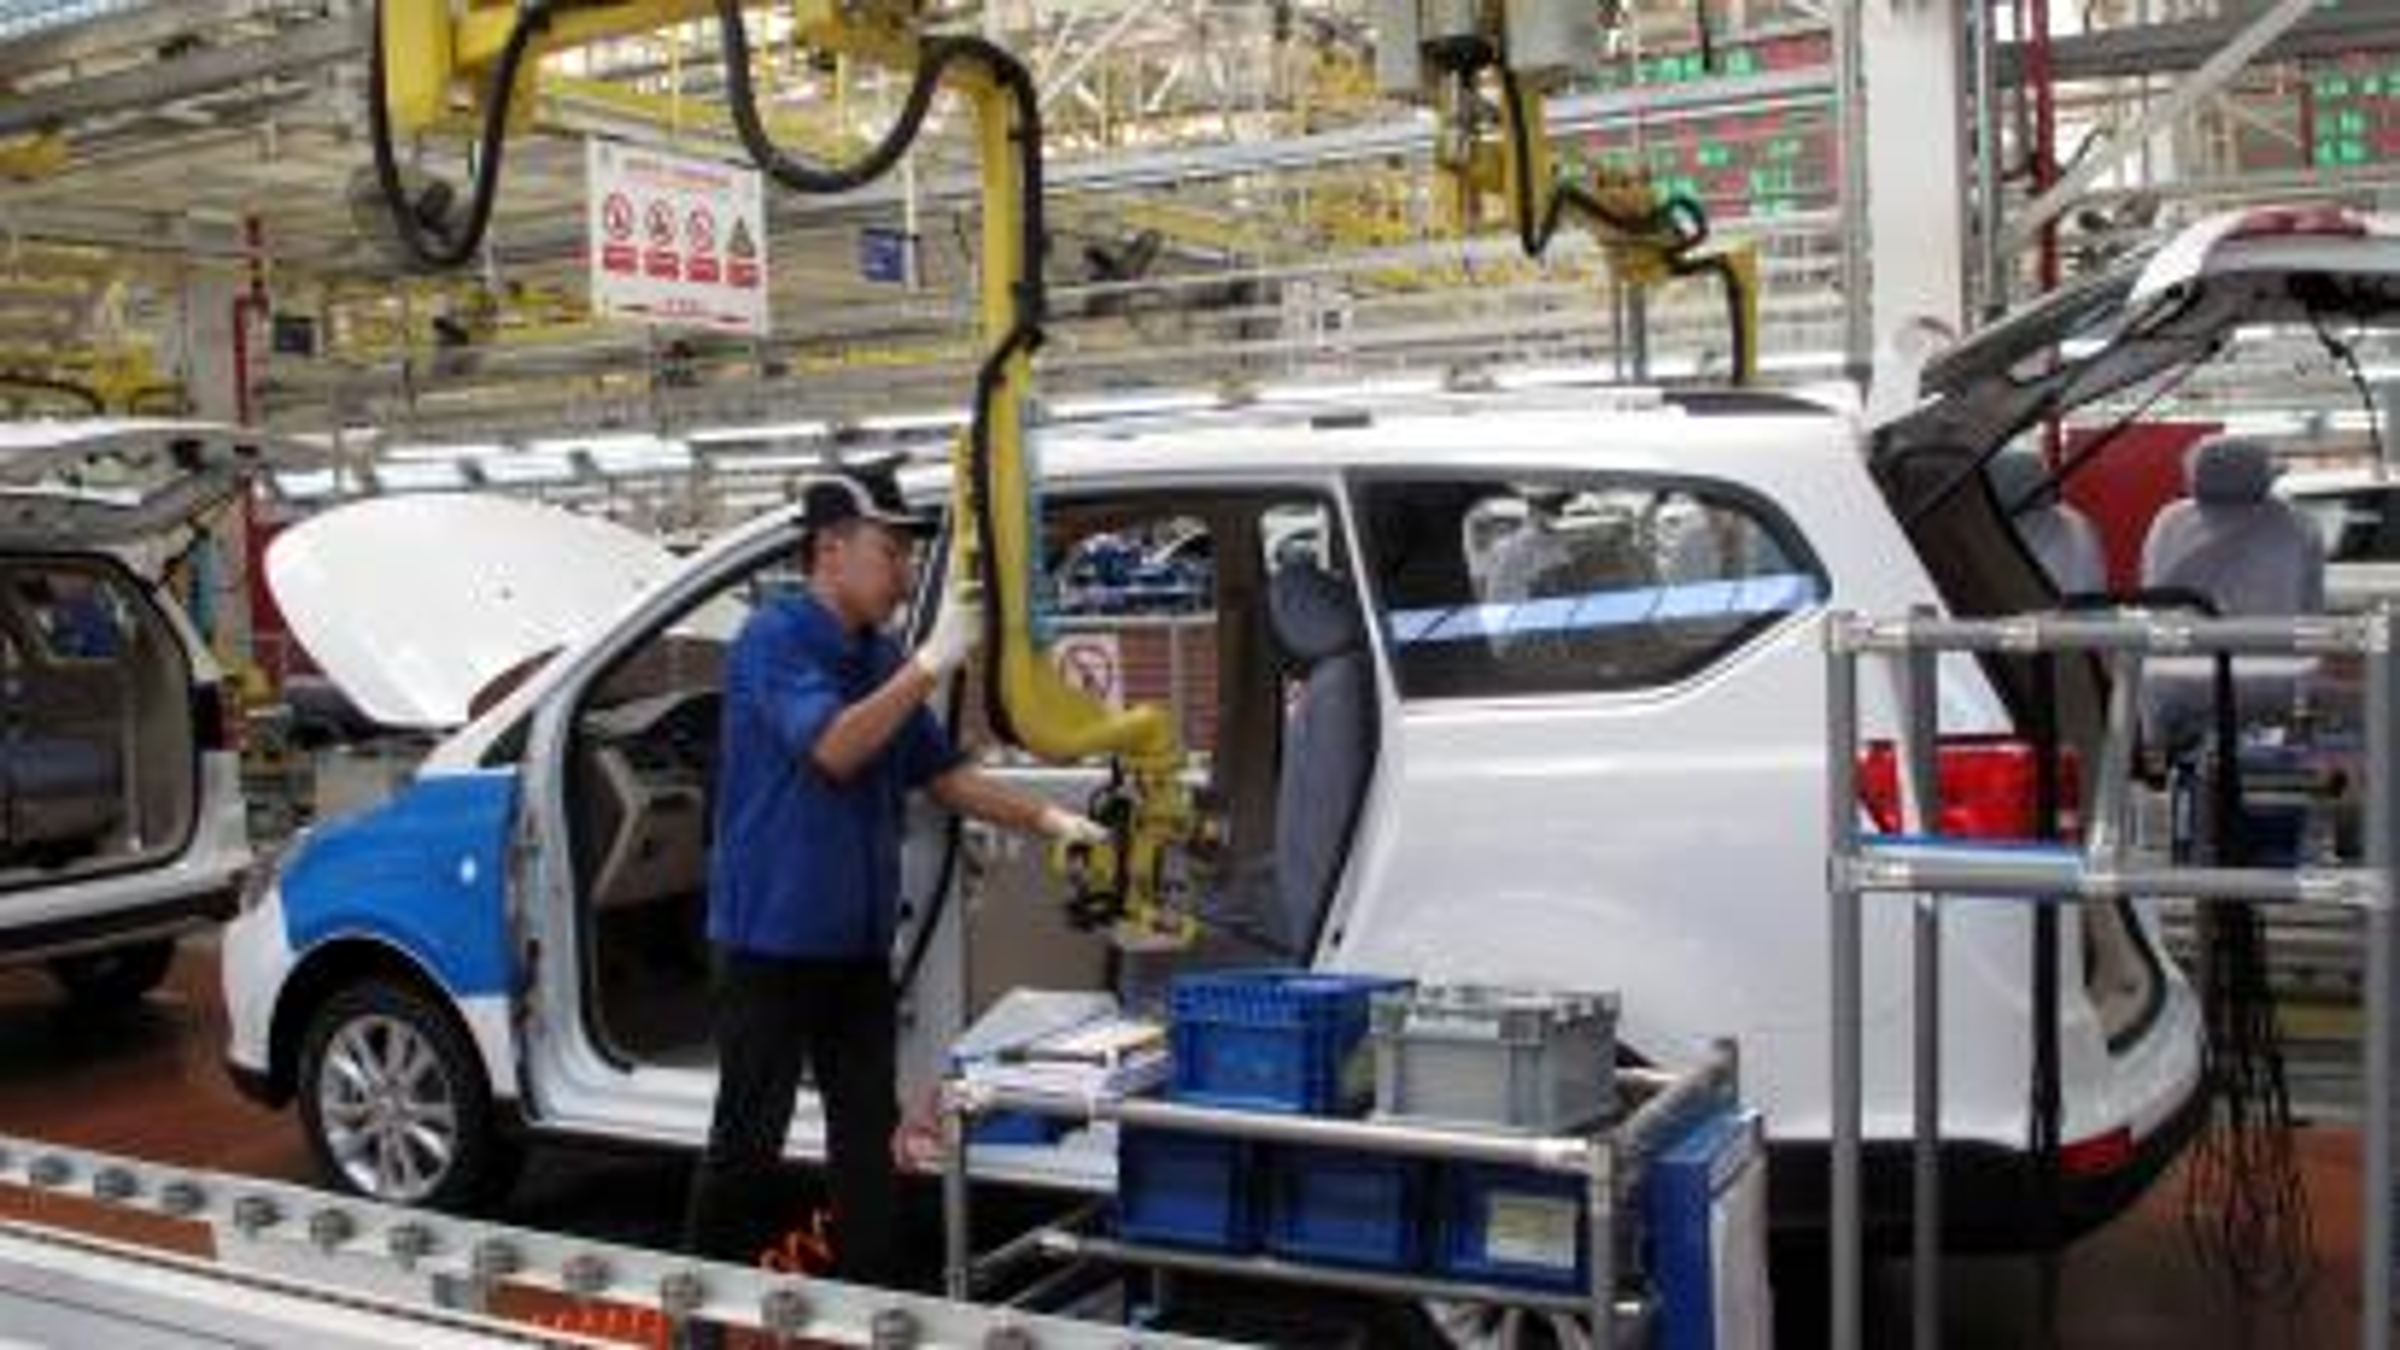 Employees work at a production line inside a factory of Saic GM Wuling, in Liuzhou, Guangxi Zhuang Autonomous Region, China, June 19, 2016.